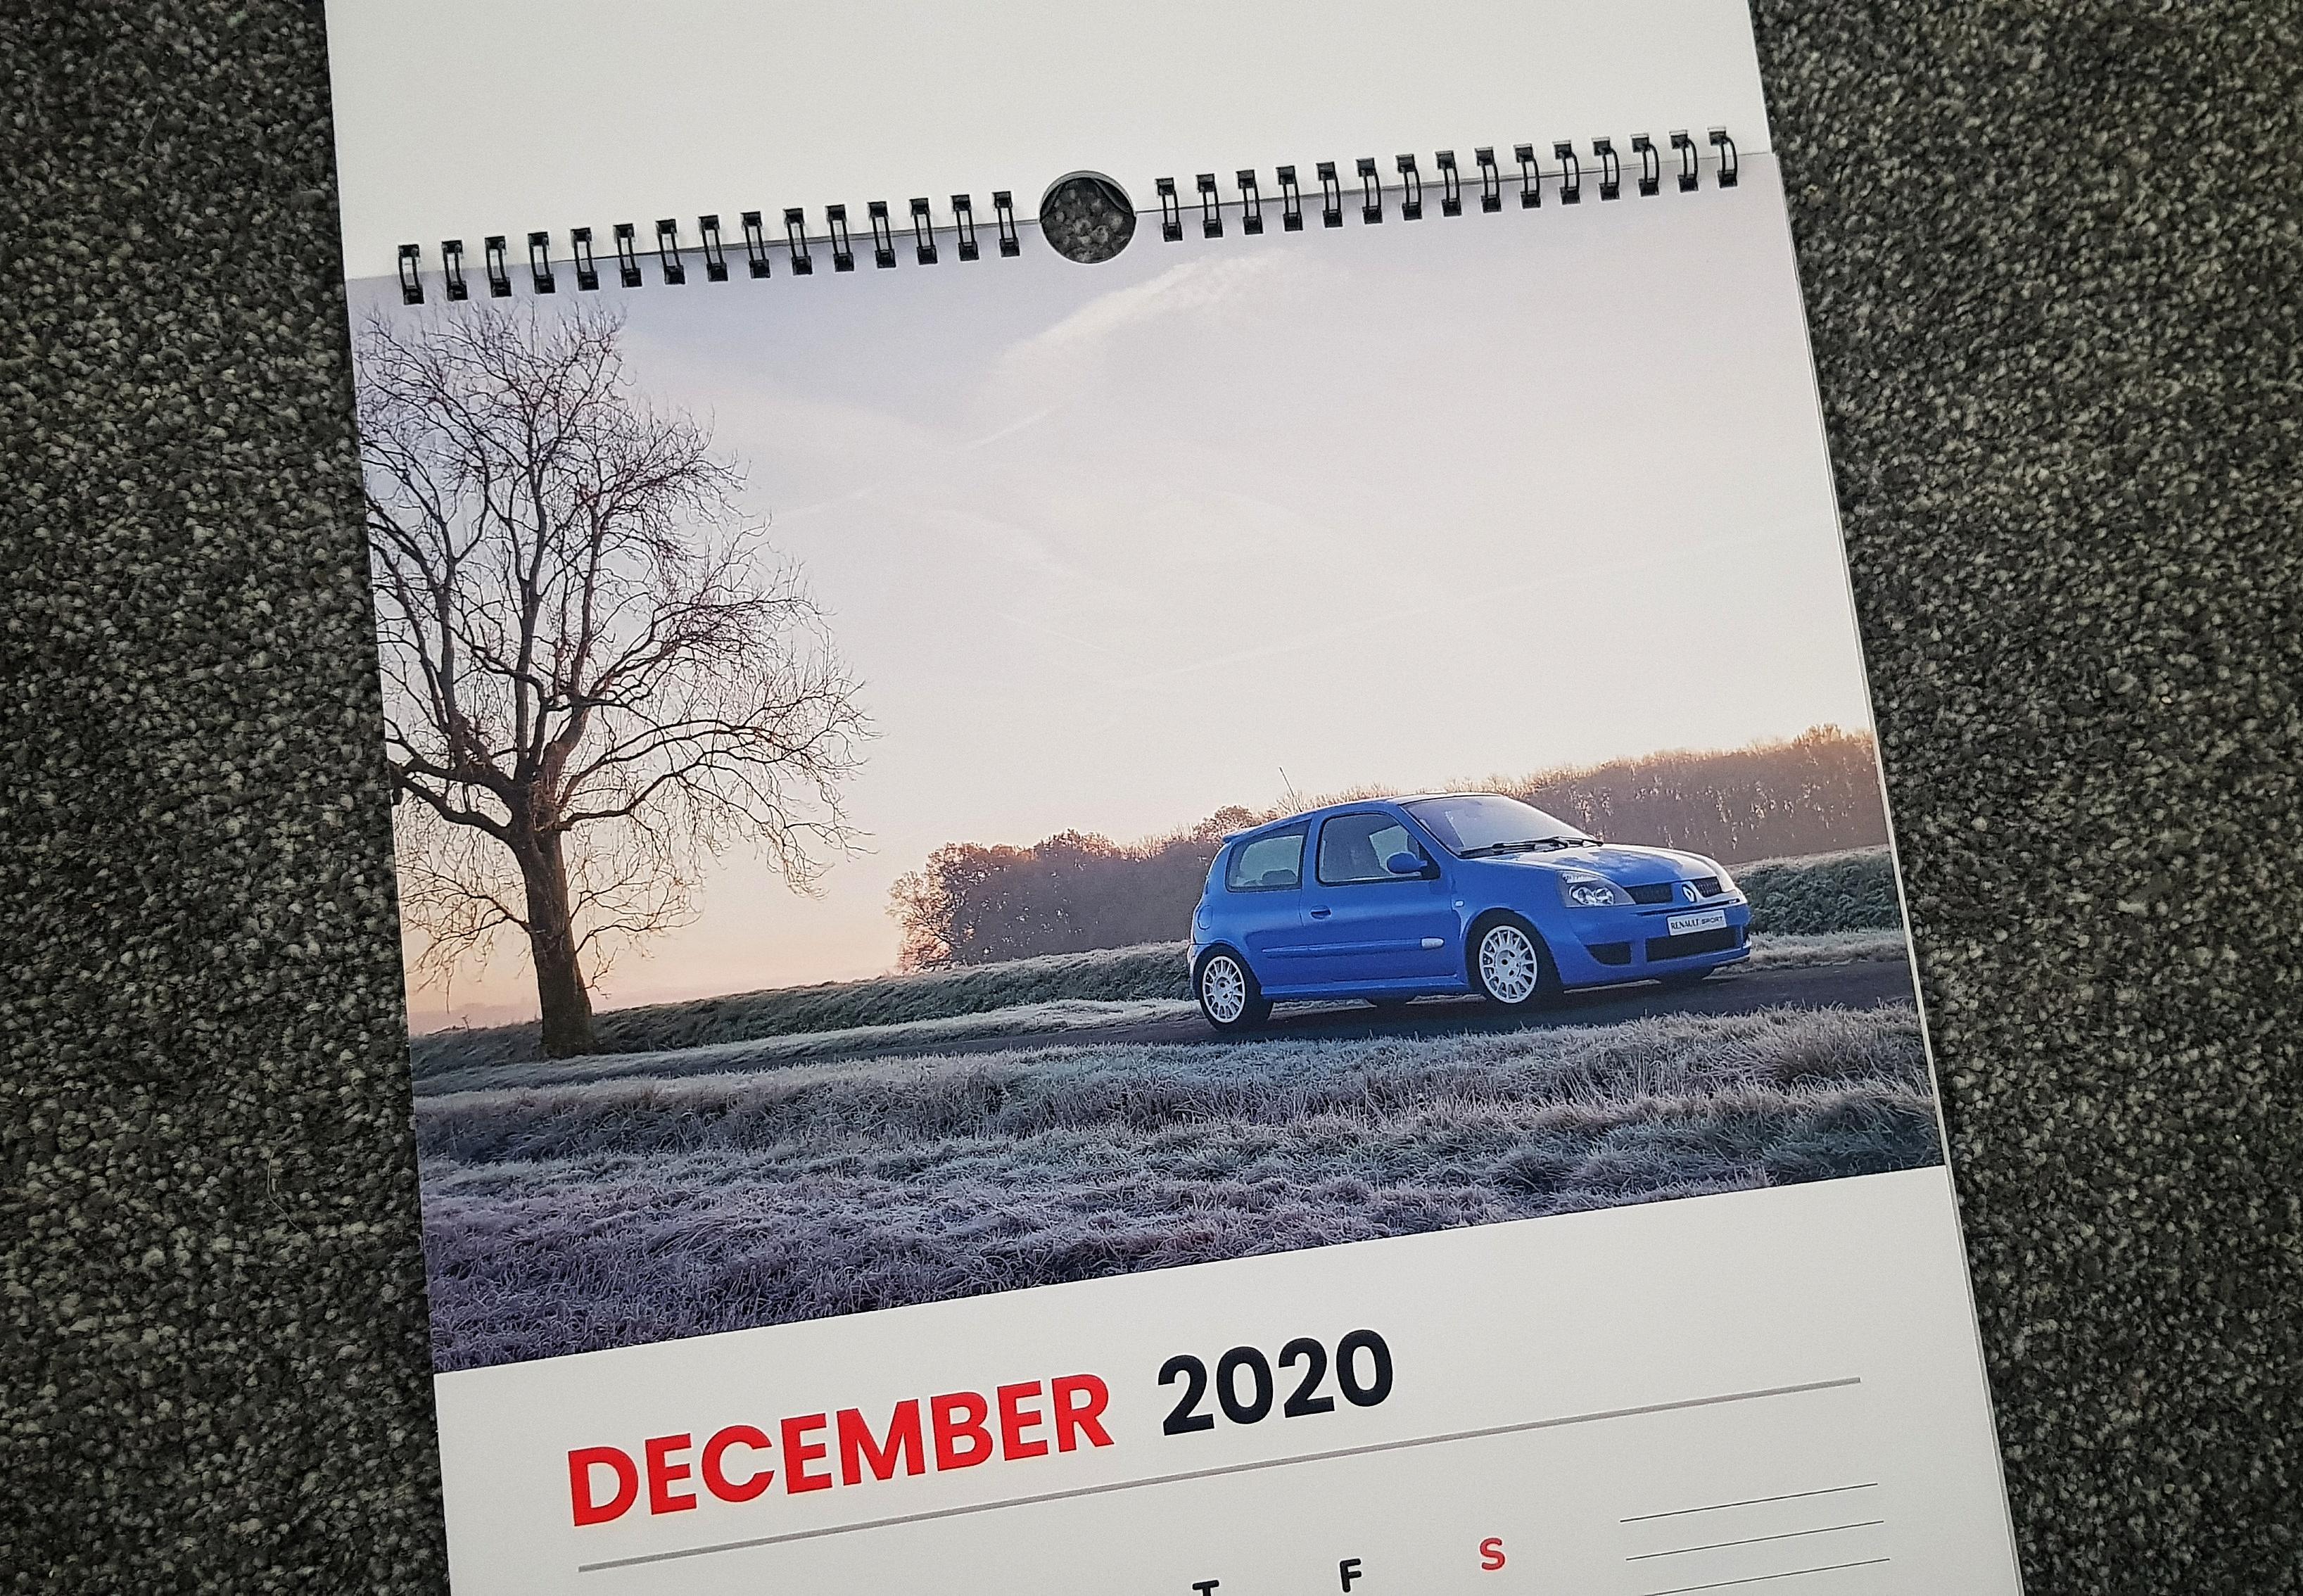 2020-12-31_11-44-44.jpg